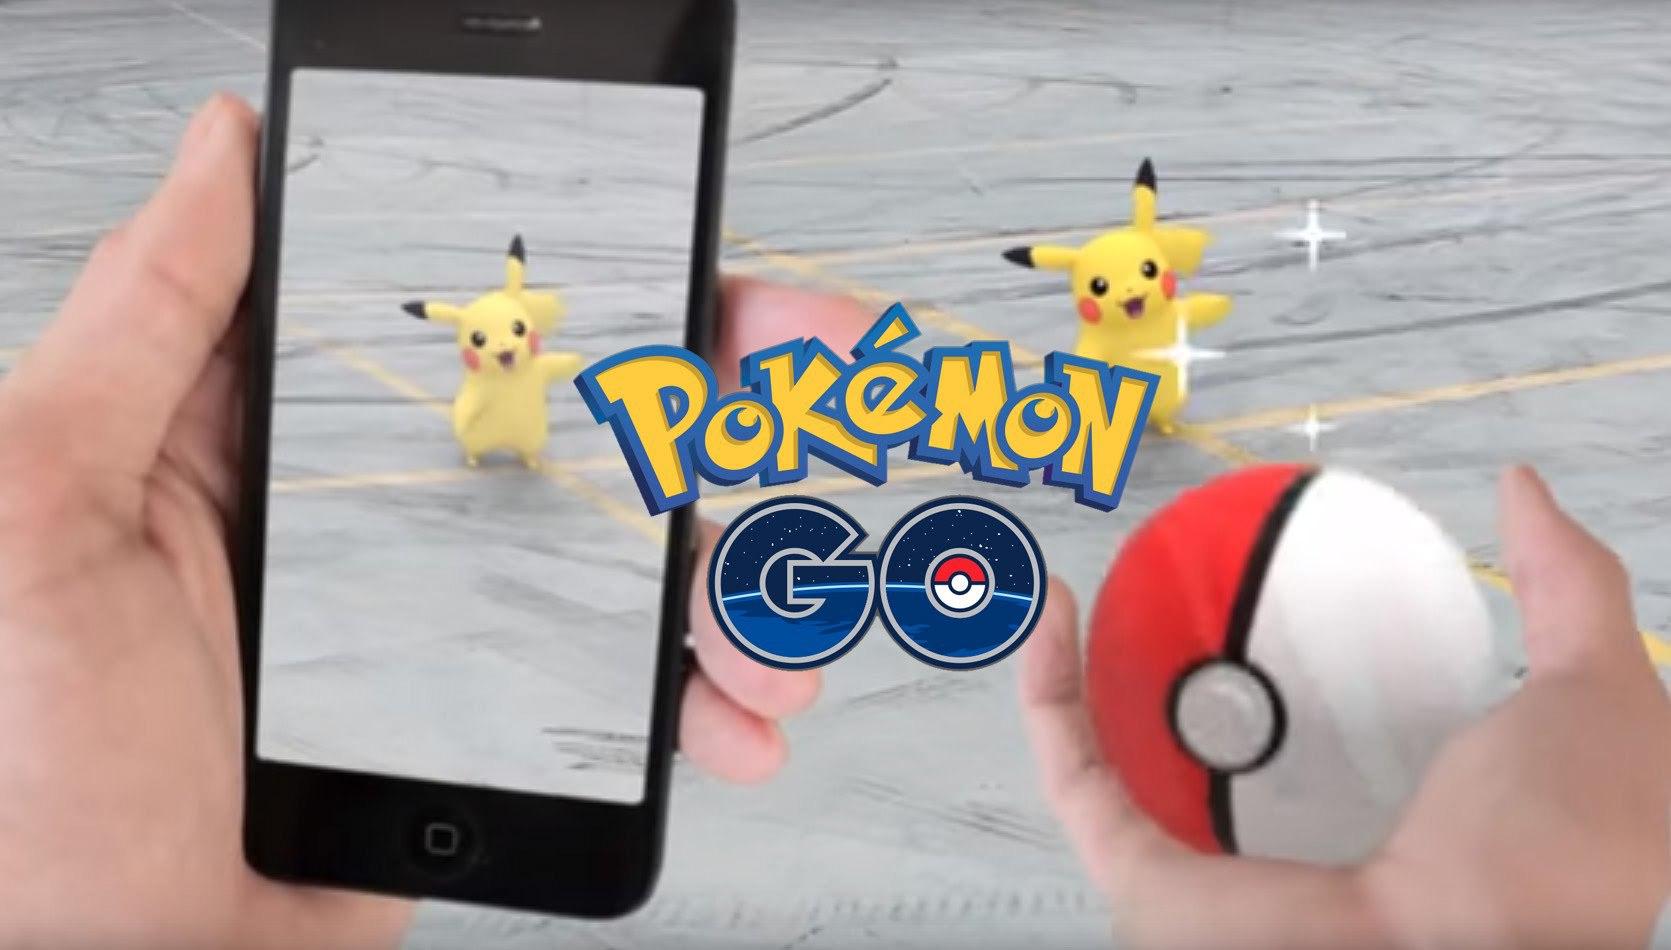 Pokemon Go Pictures